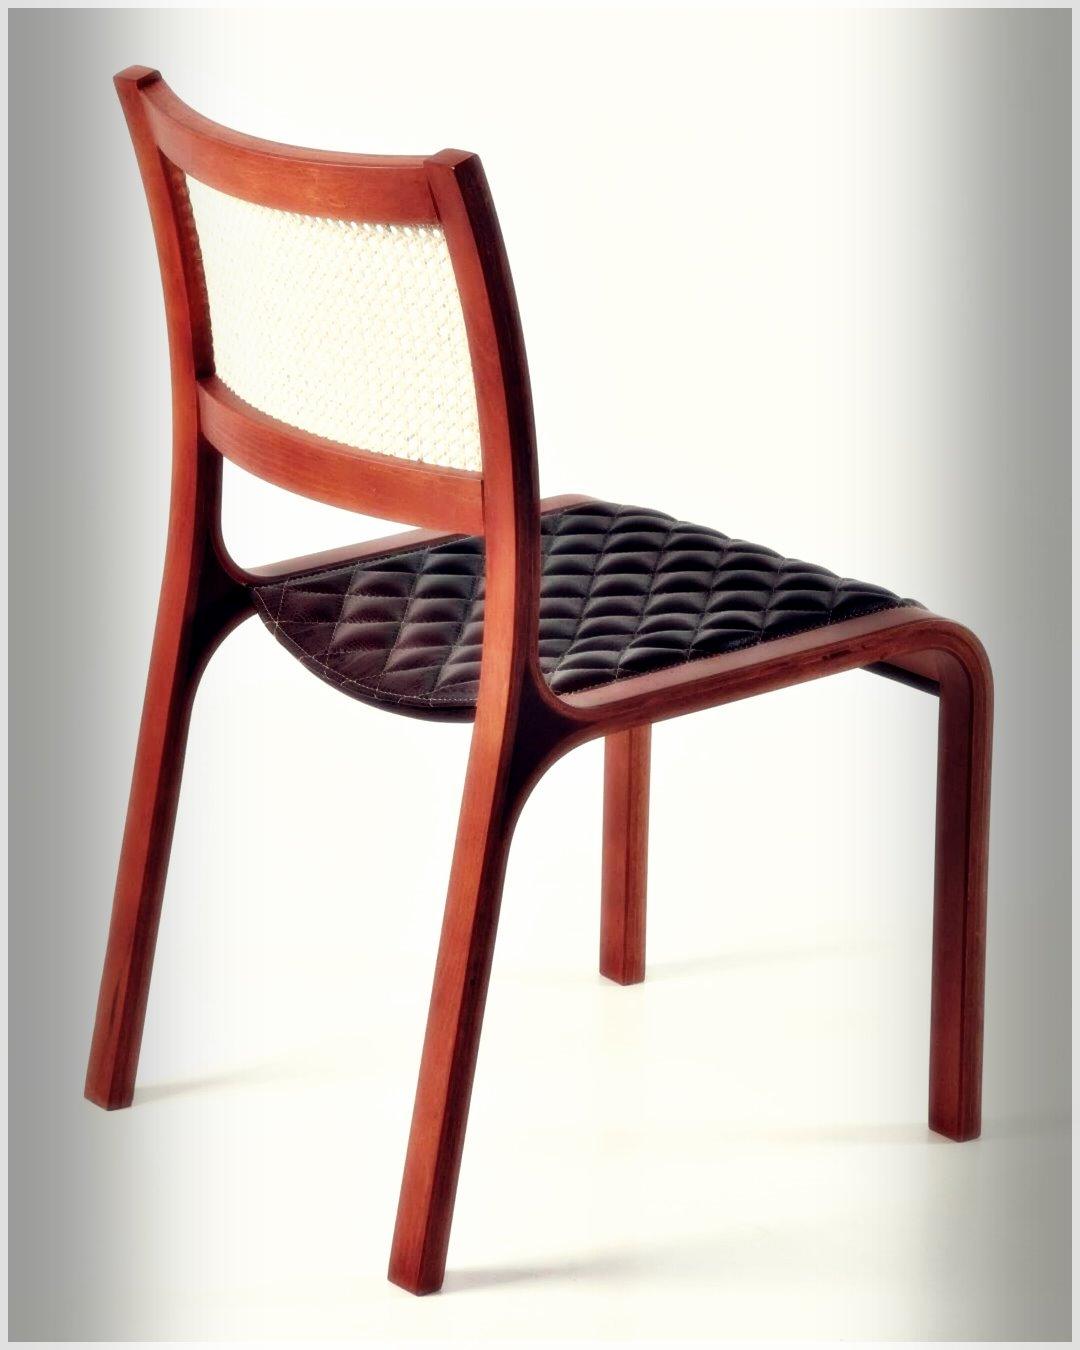 FurnitureDesign-76178386407